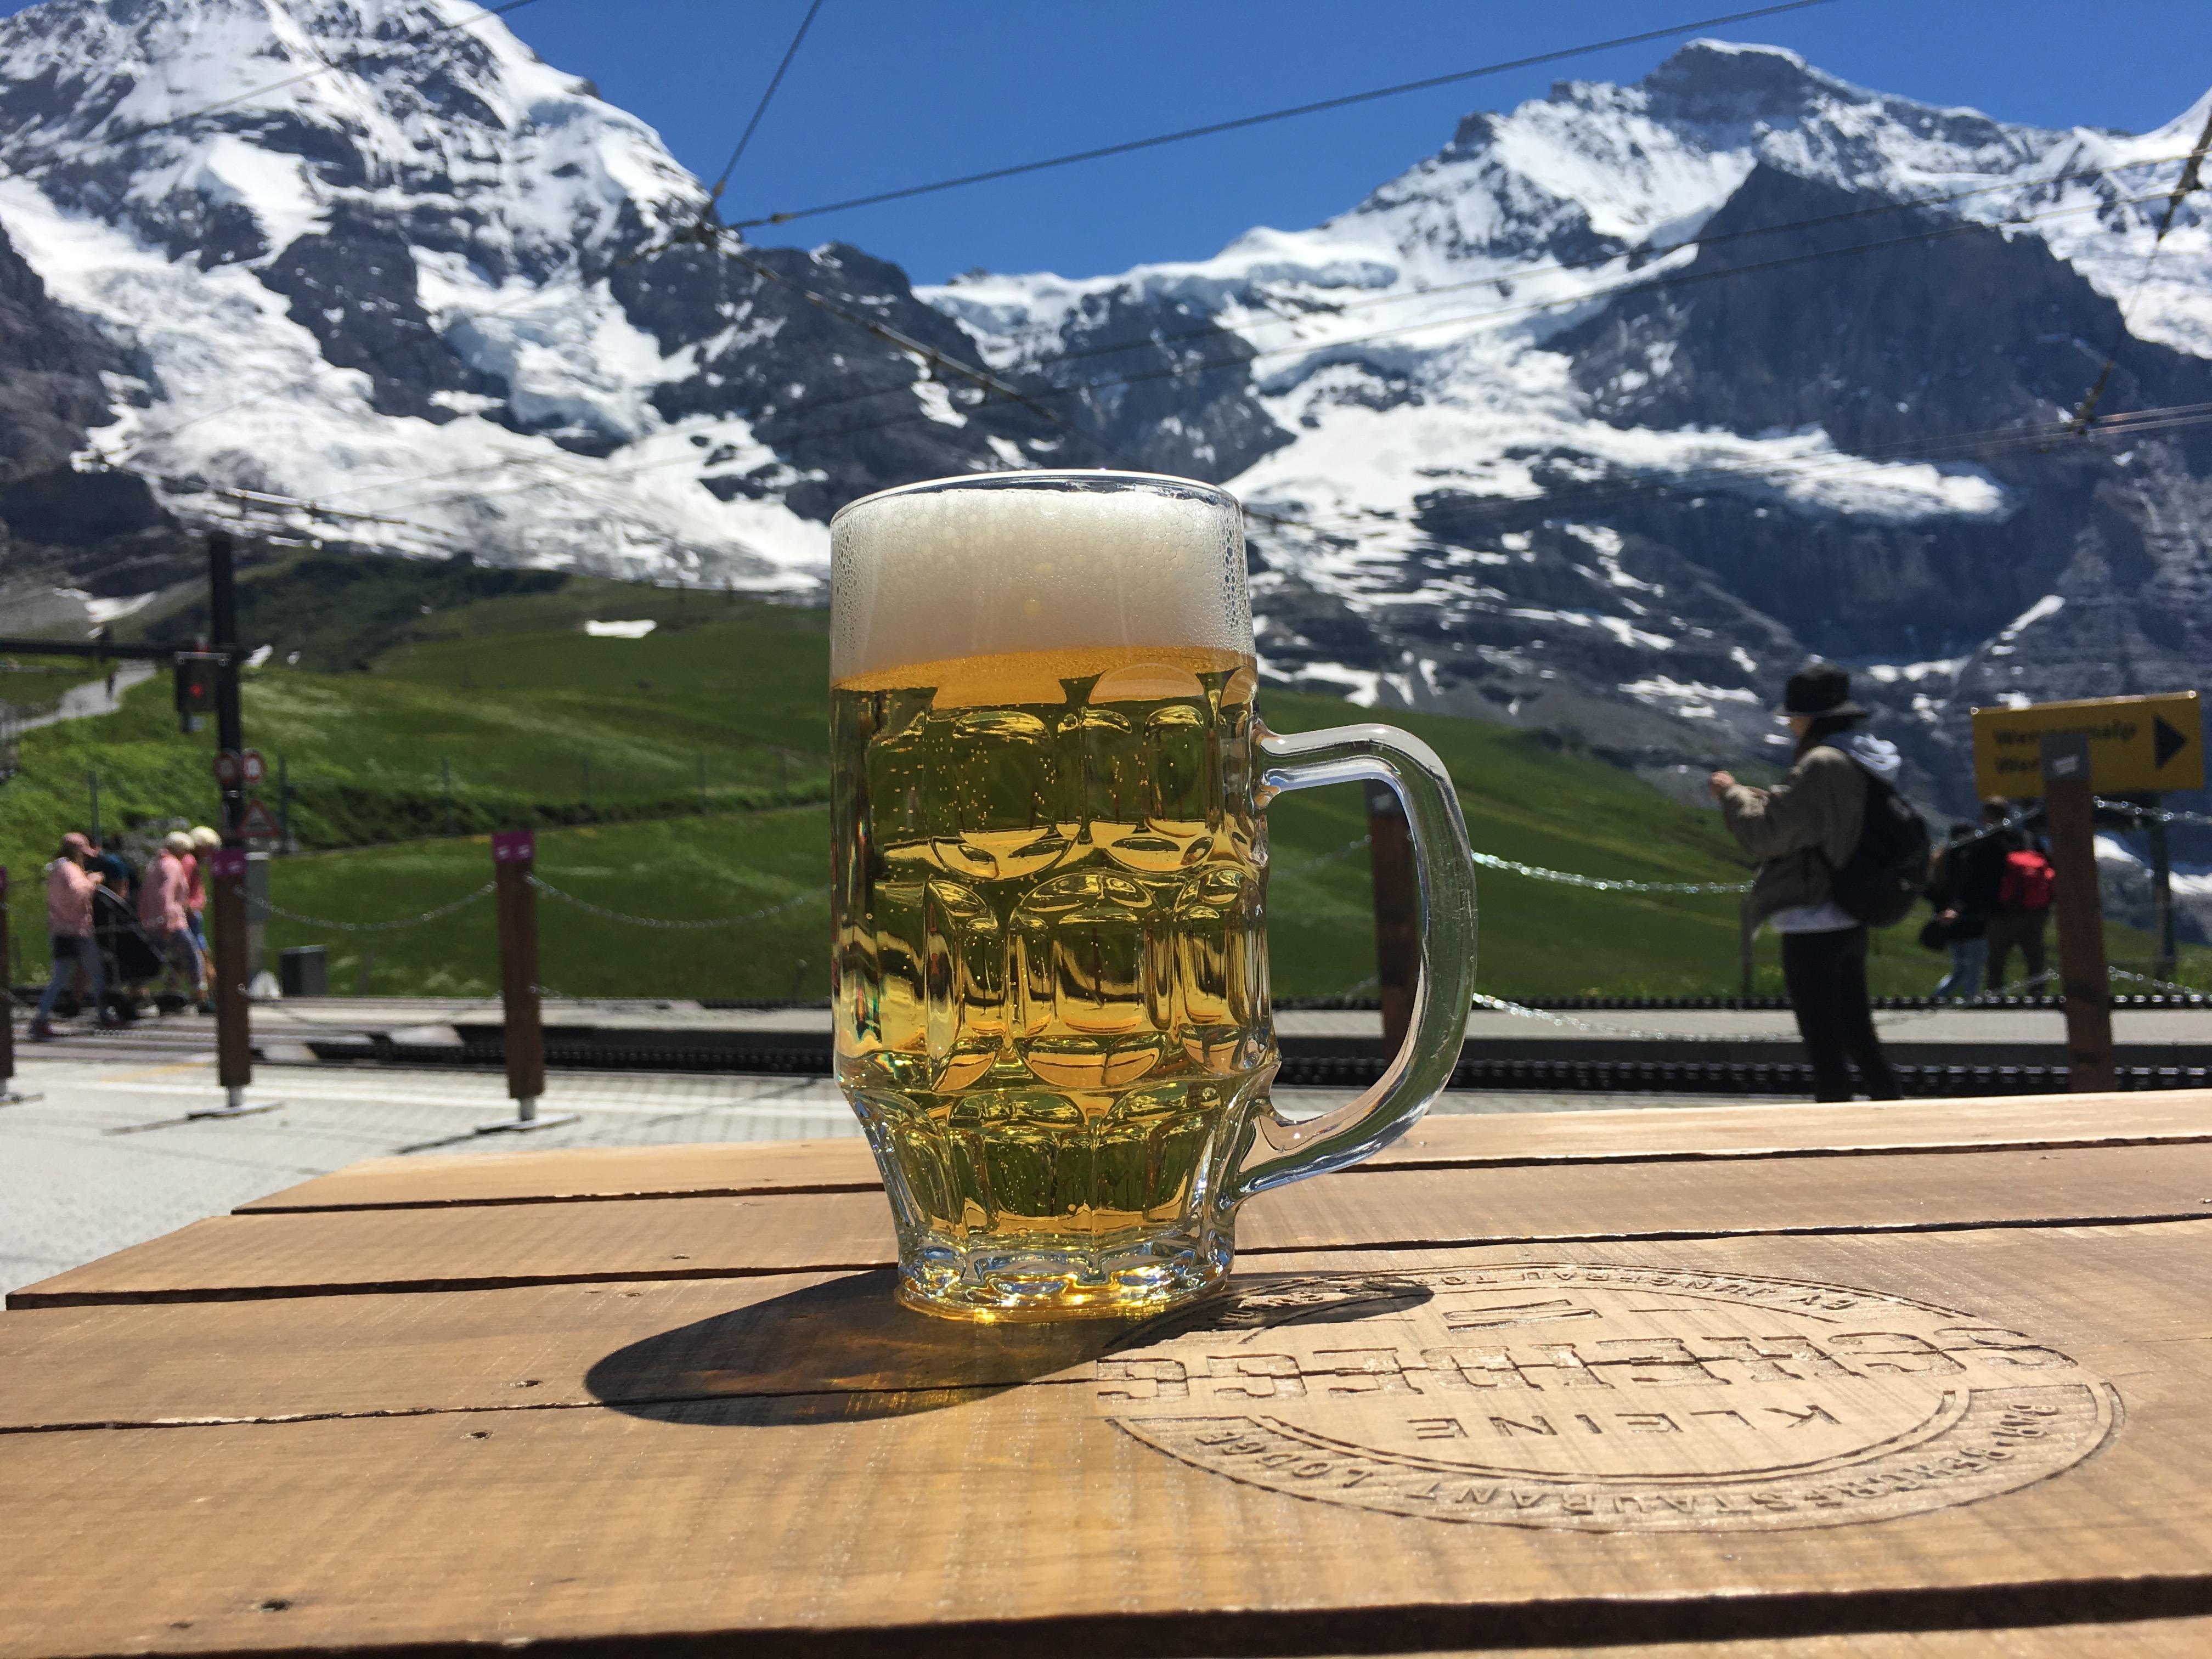 Beer from Kleine Scheidegg